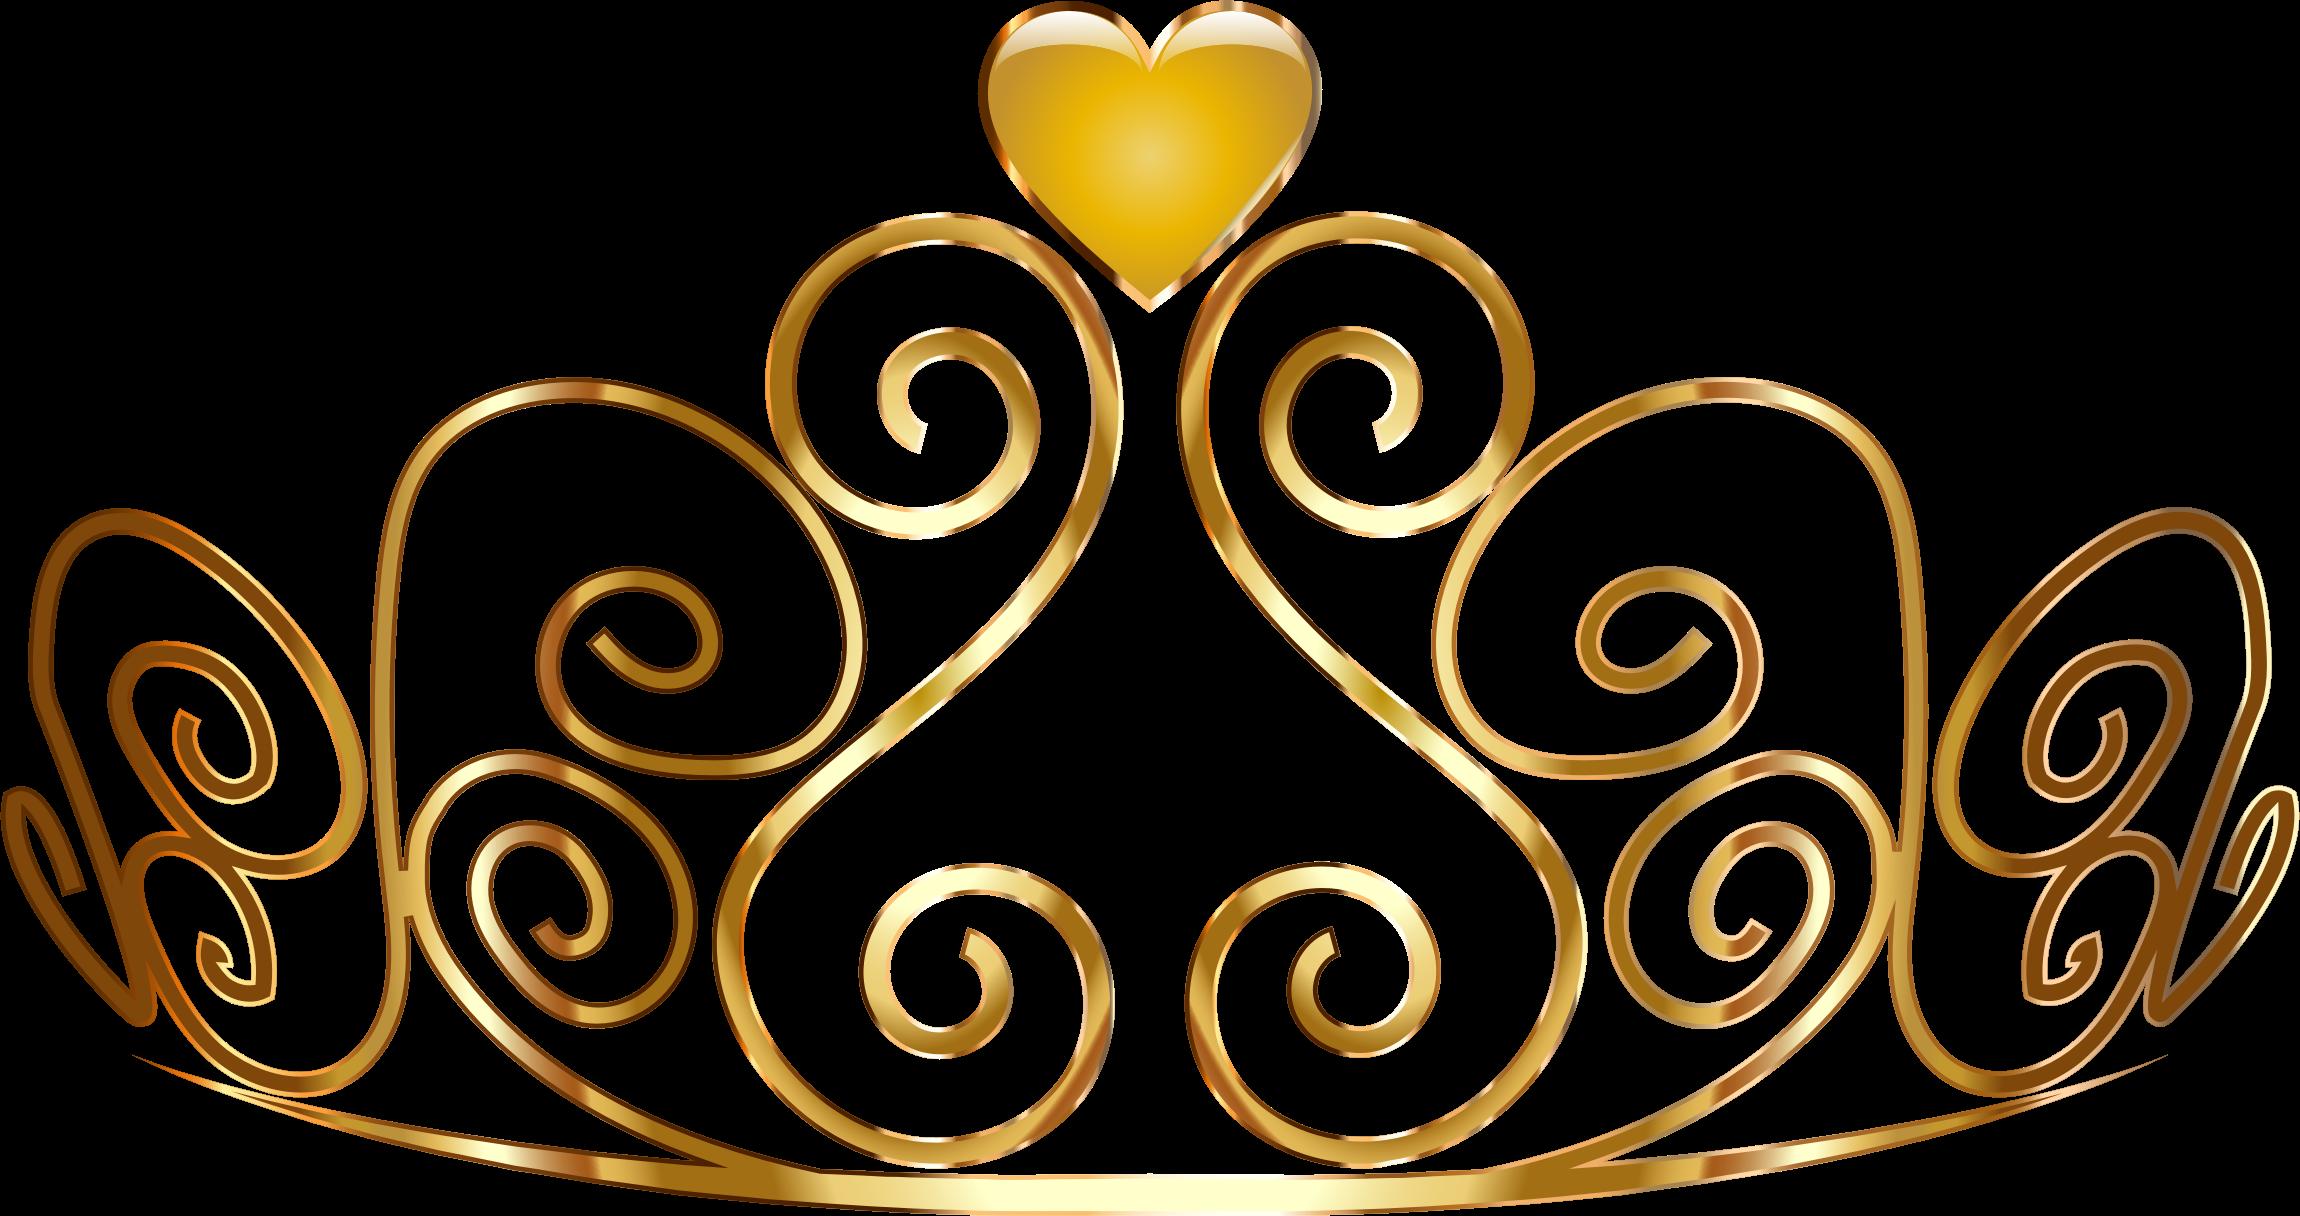 Princess clipart gold Princess Gold Gold crown Princess